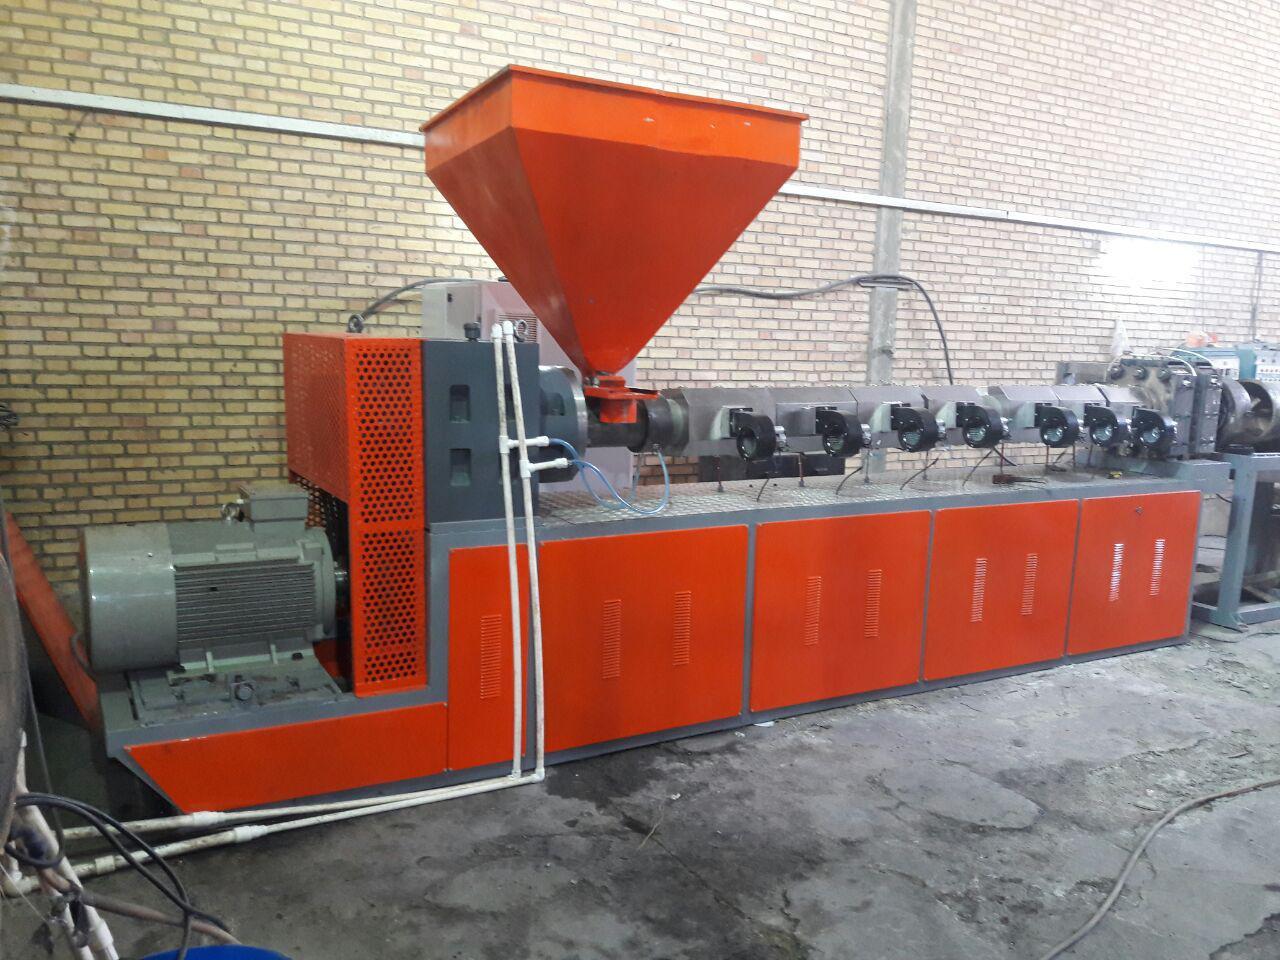 سازنده ماشین آلات بازیافت پلاستیک گروه صنعتی متین